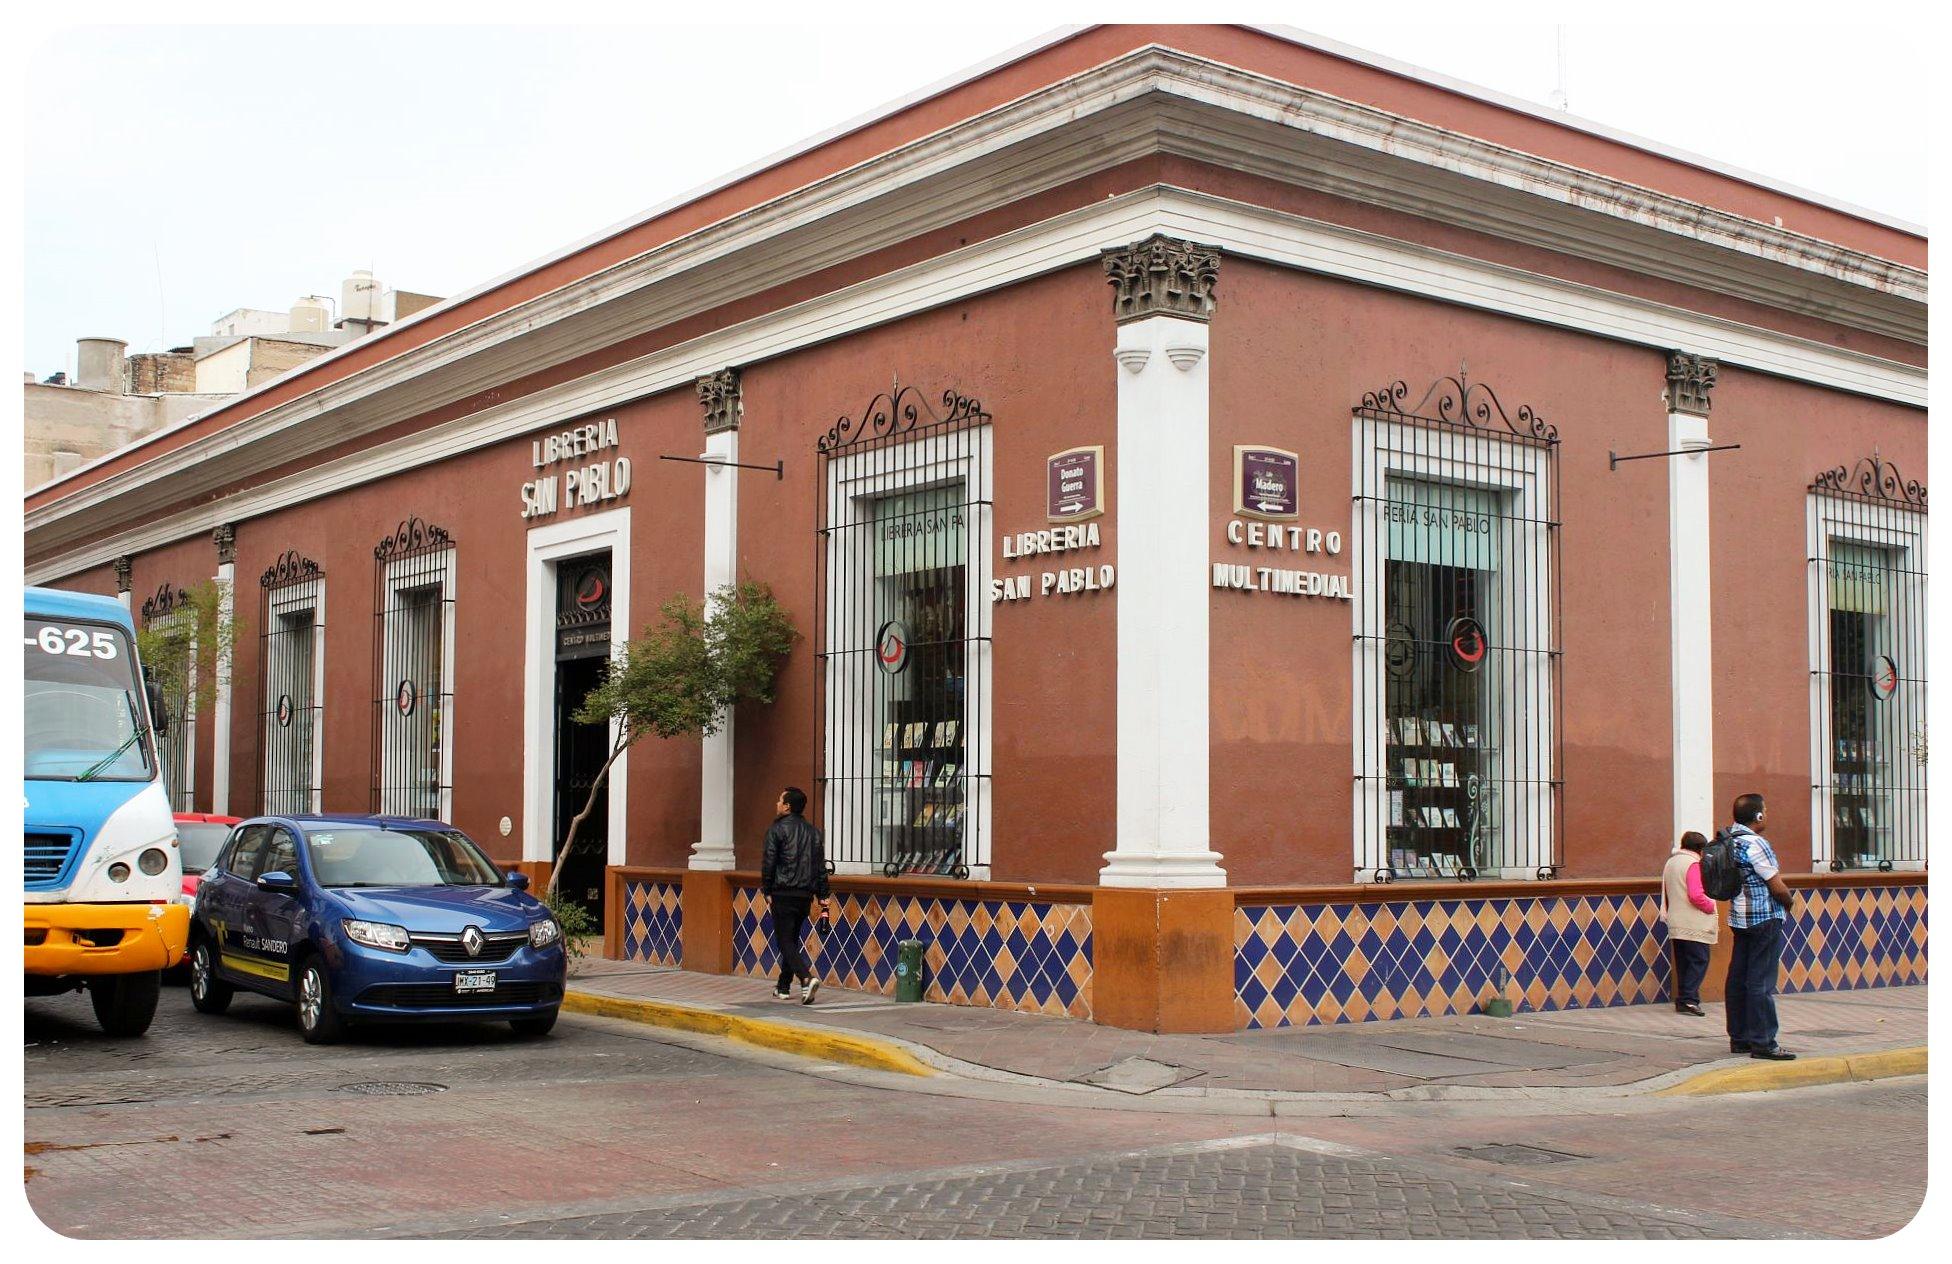 guadalajara colonial building